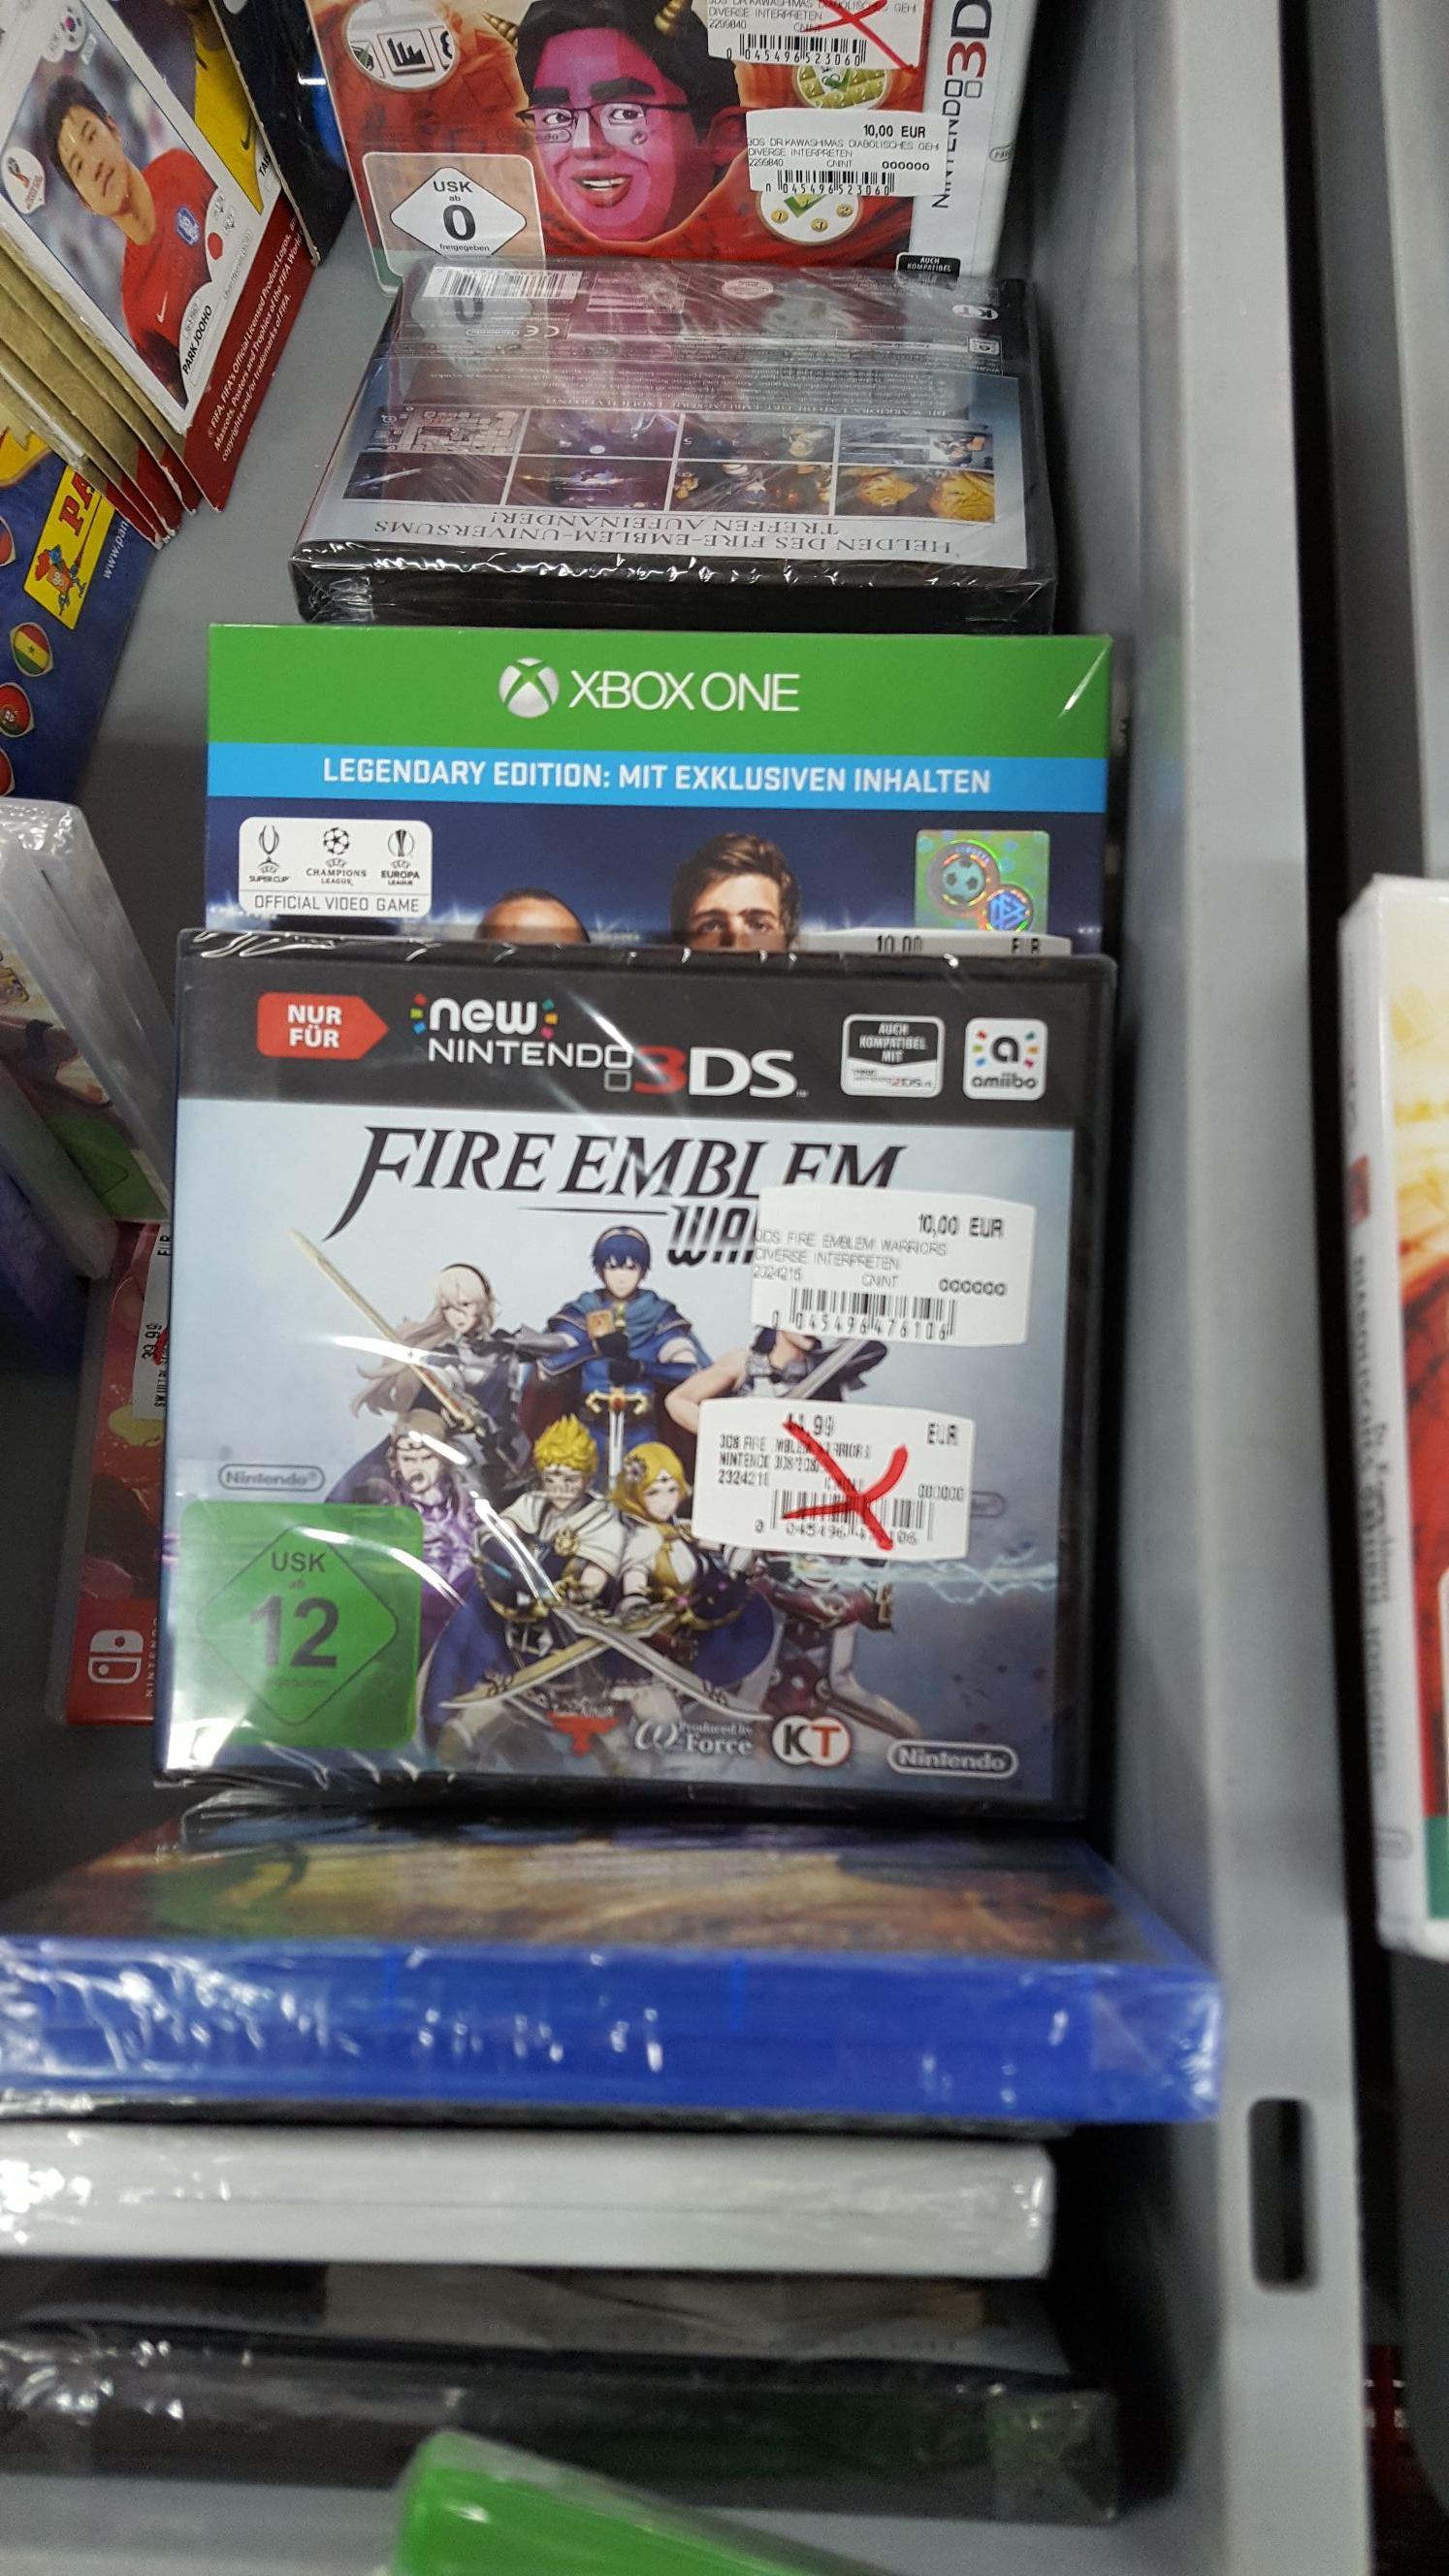 Sammeldeal Lokal [Media Markt Herzogenrath] Fire Emblem, Destiny 2, Dragons Dogma, NHL 18, 2K18, PES 2018, Ultra Street Fighter 2